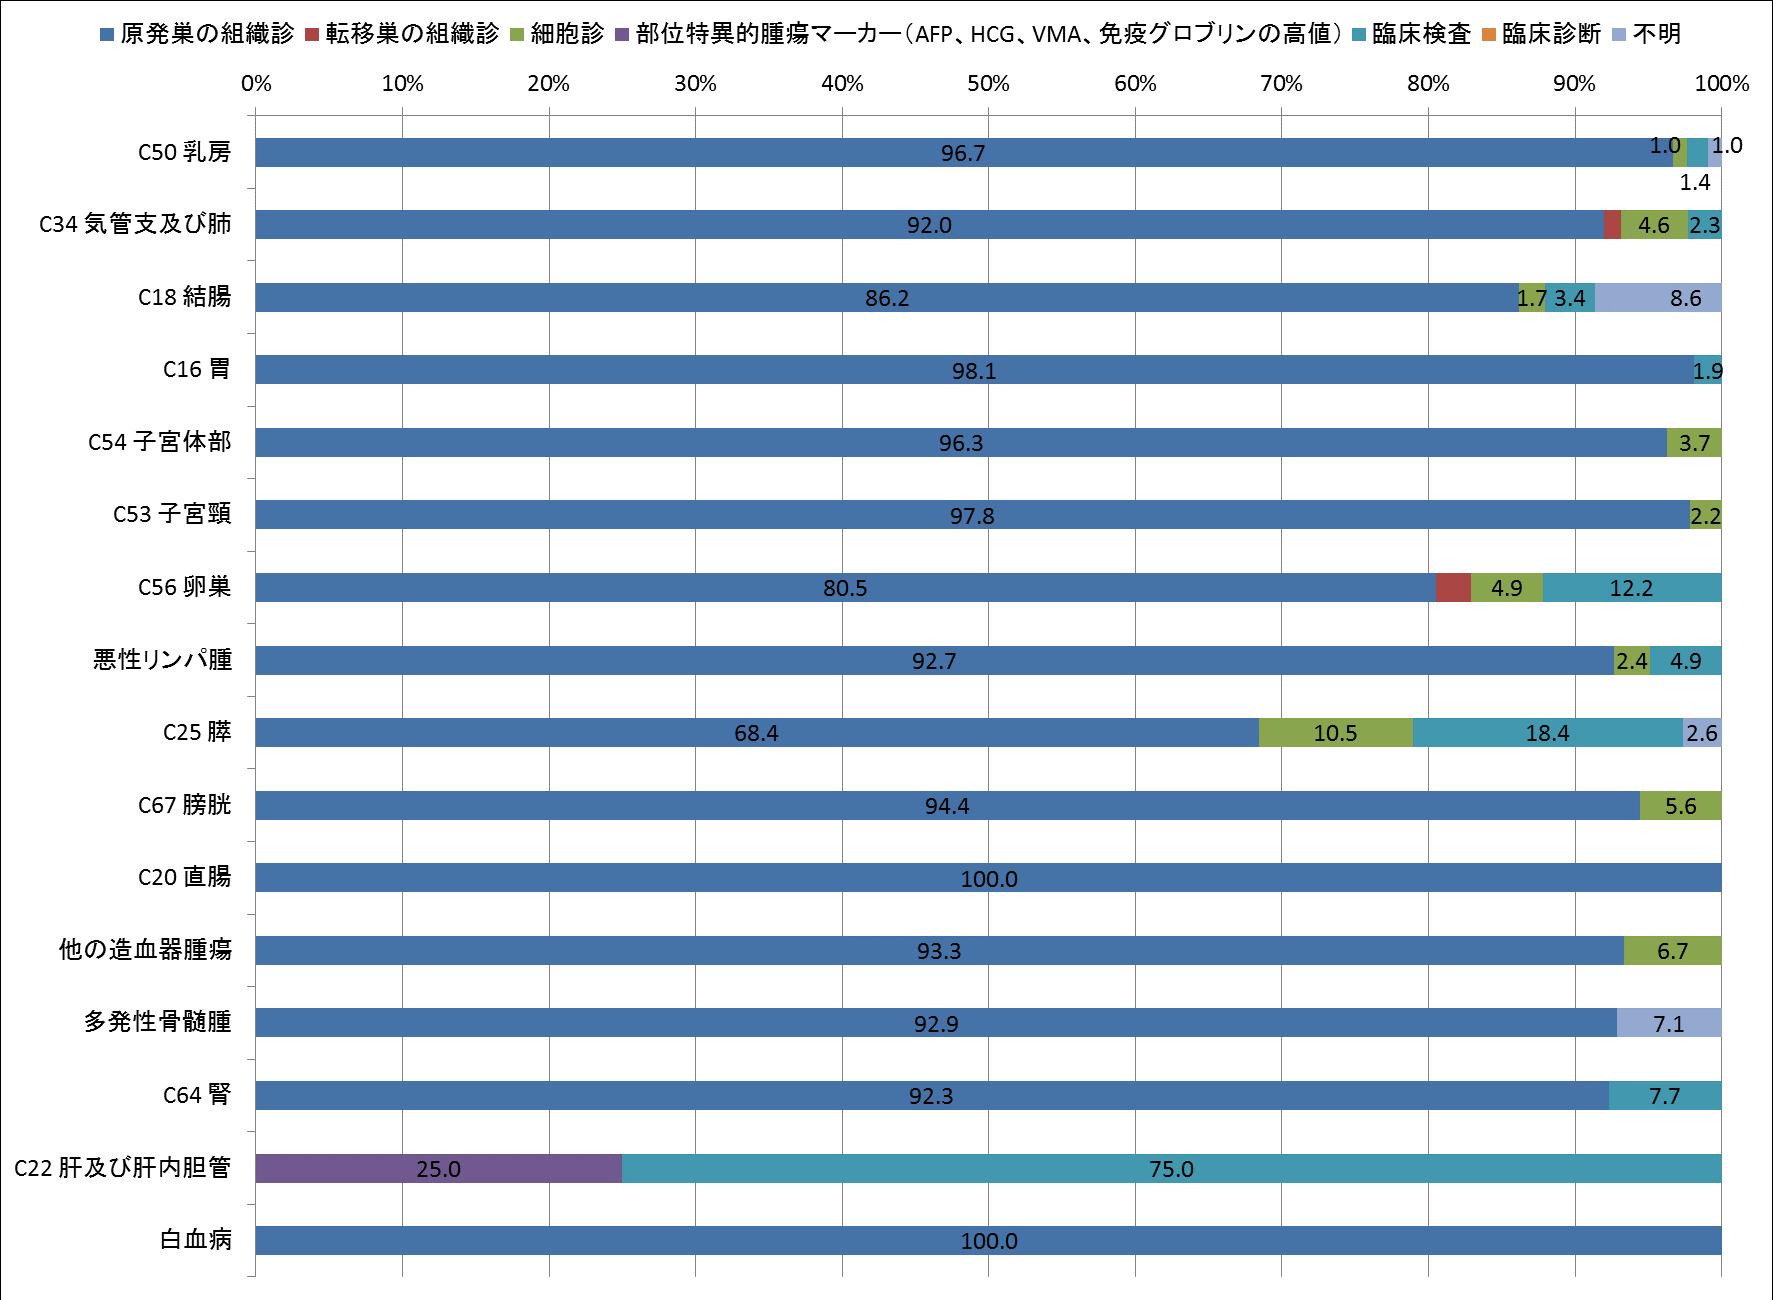 図7-3 診断根拠別登録数(女、登録数2桁以上のみ)